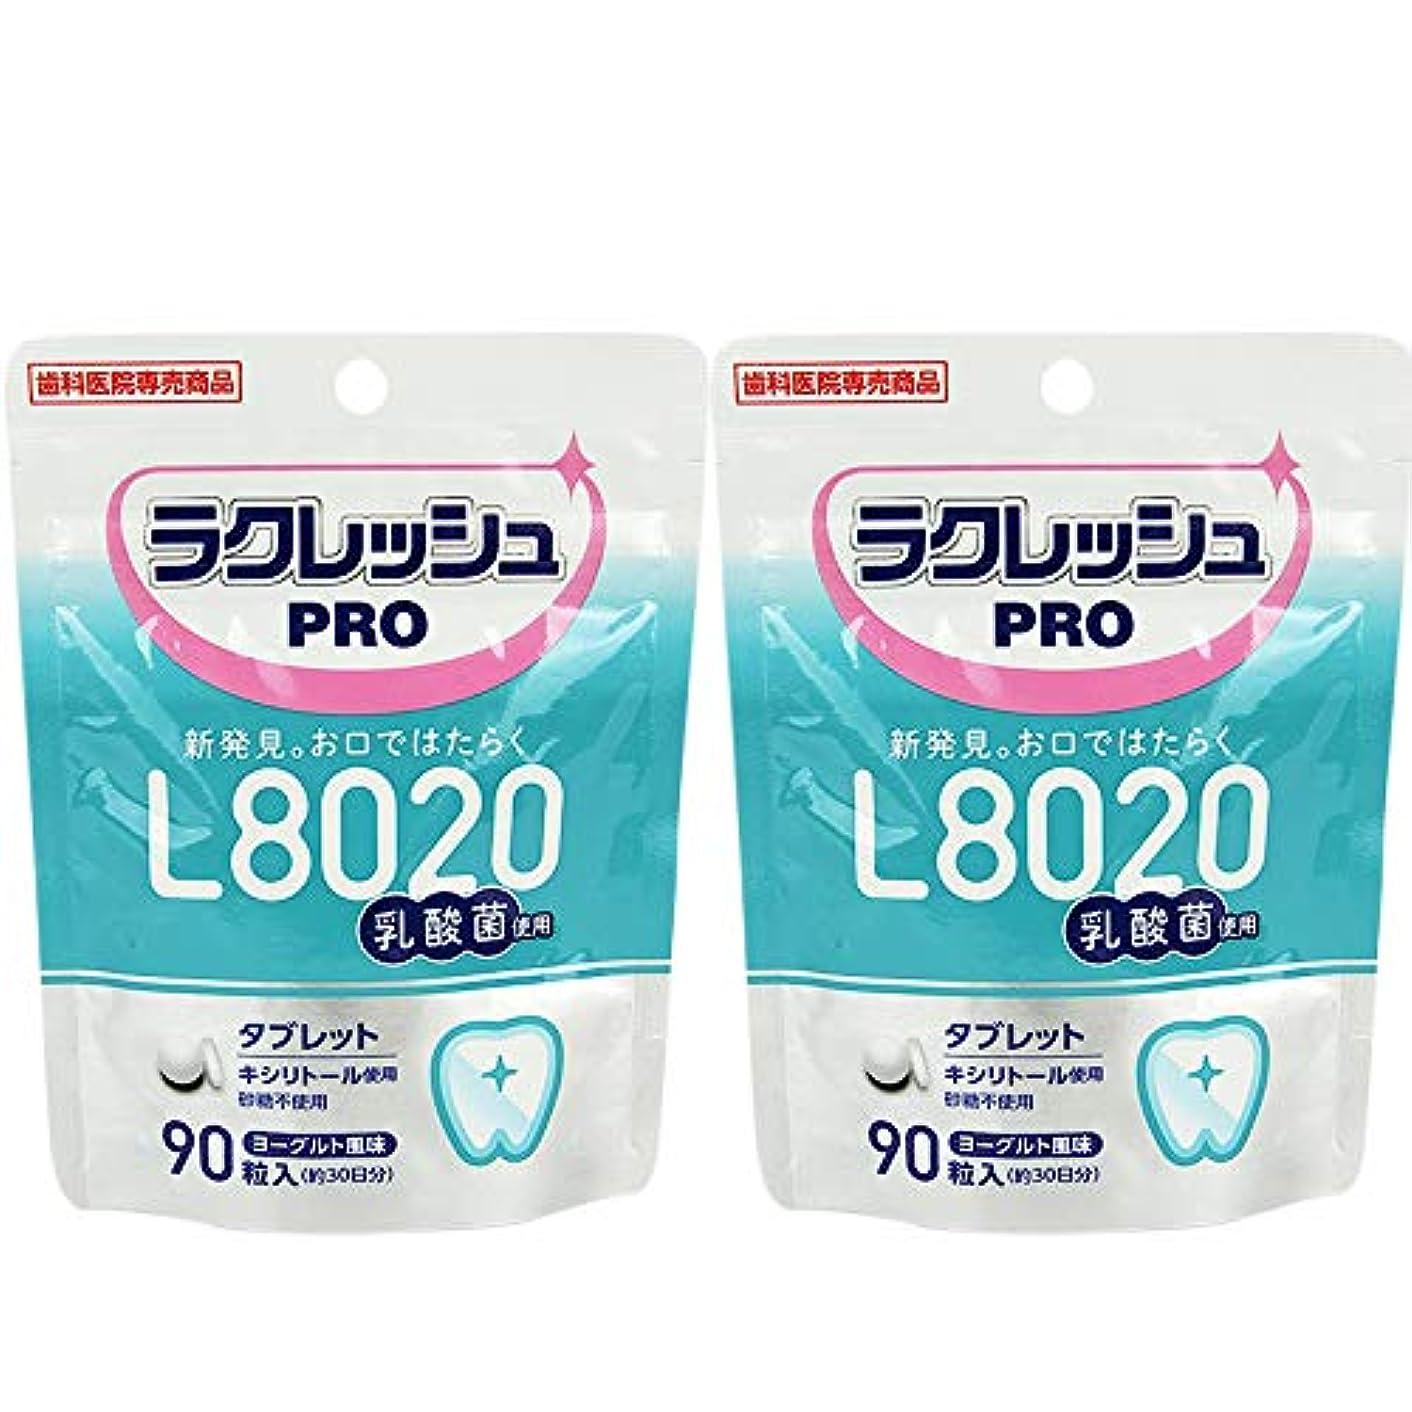 ジャンピングジャック電気技師印象派L8020 乳酸菌 ラクレッシュ PRO タブレット 90粒 × 2個 歯科専売品